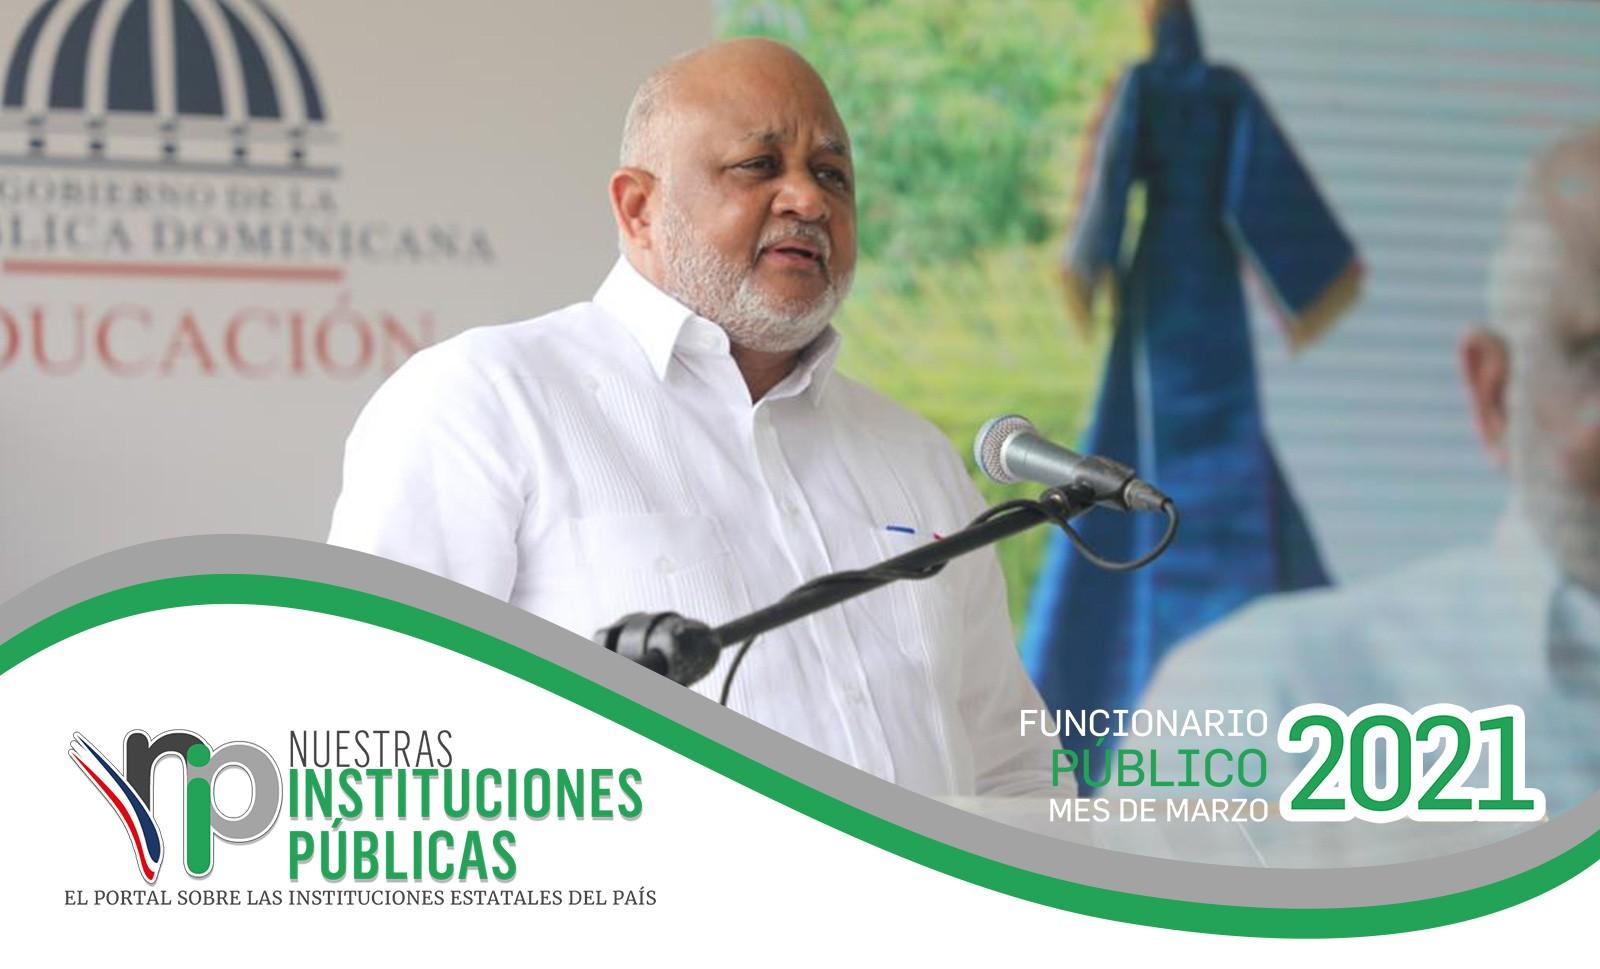 Ministro de Educación, Roberto Fulcar es el funcionario público del mes de marzo